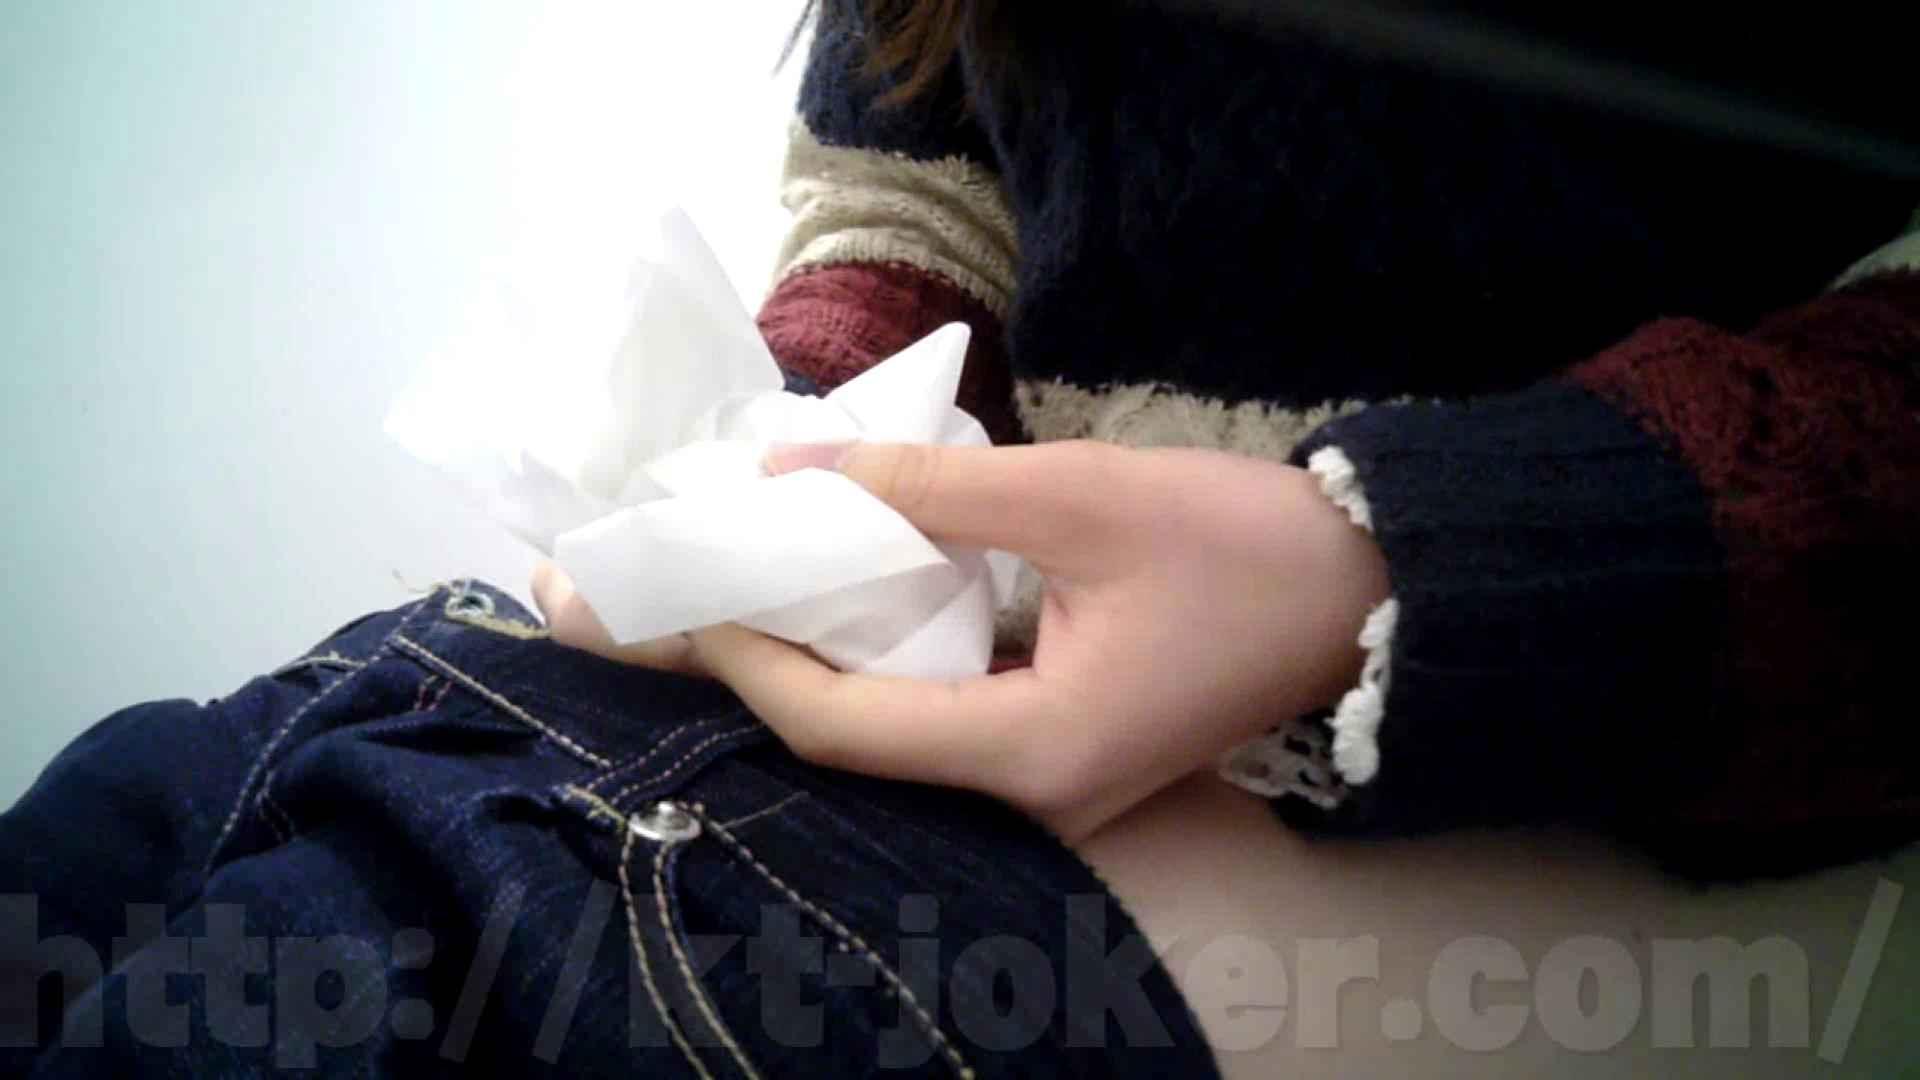 某有名大学女性洗面所 vol.32 OLのエロ生活 オメコ動画キャプチャ 103連発 37